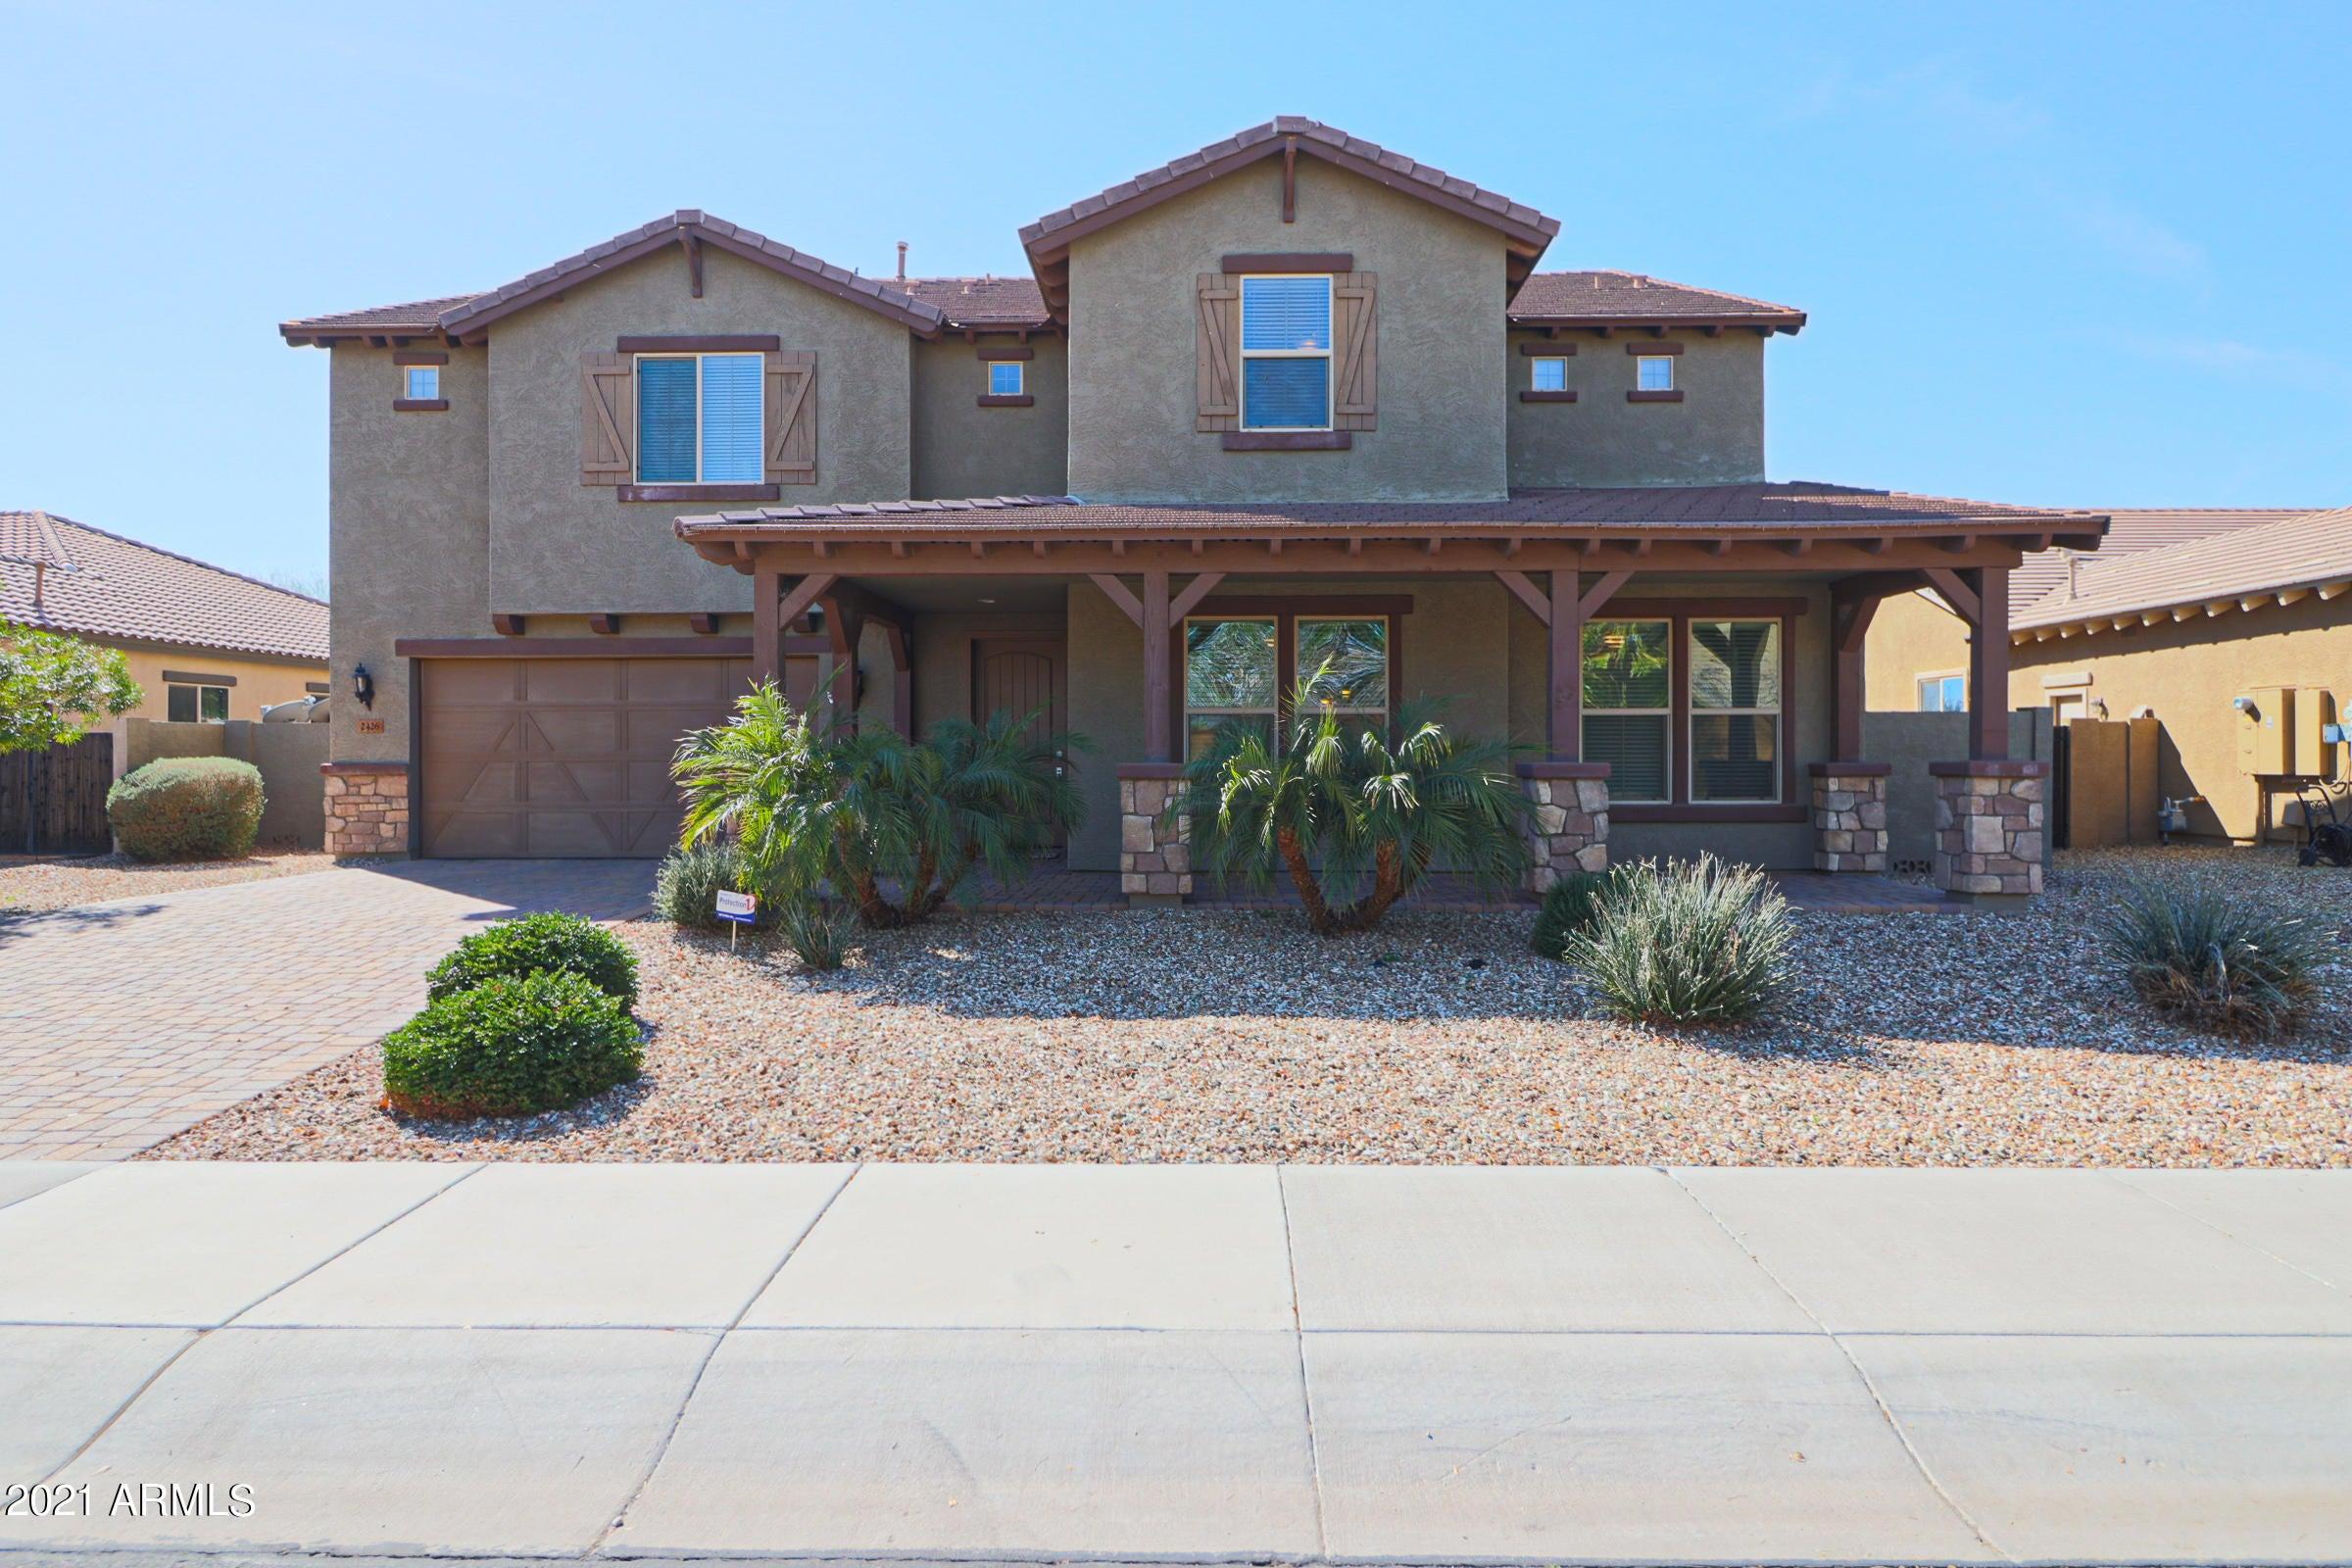 2426 N 161ST Avenue, Goodyear, AZ 85395